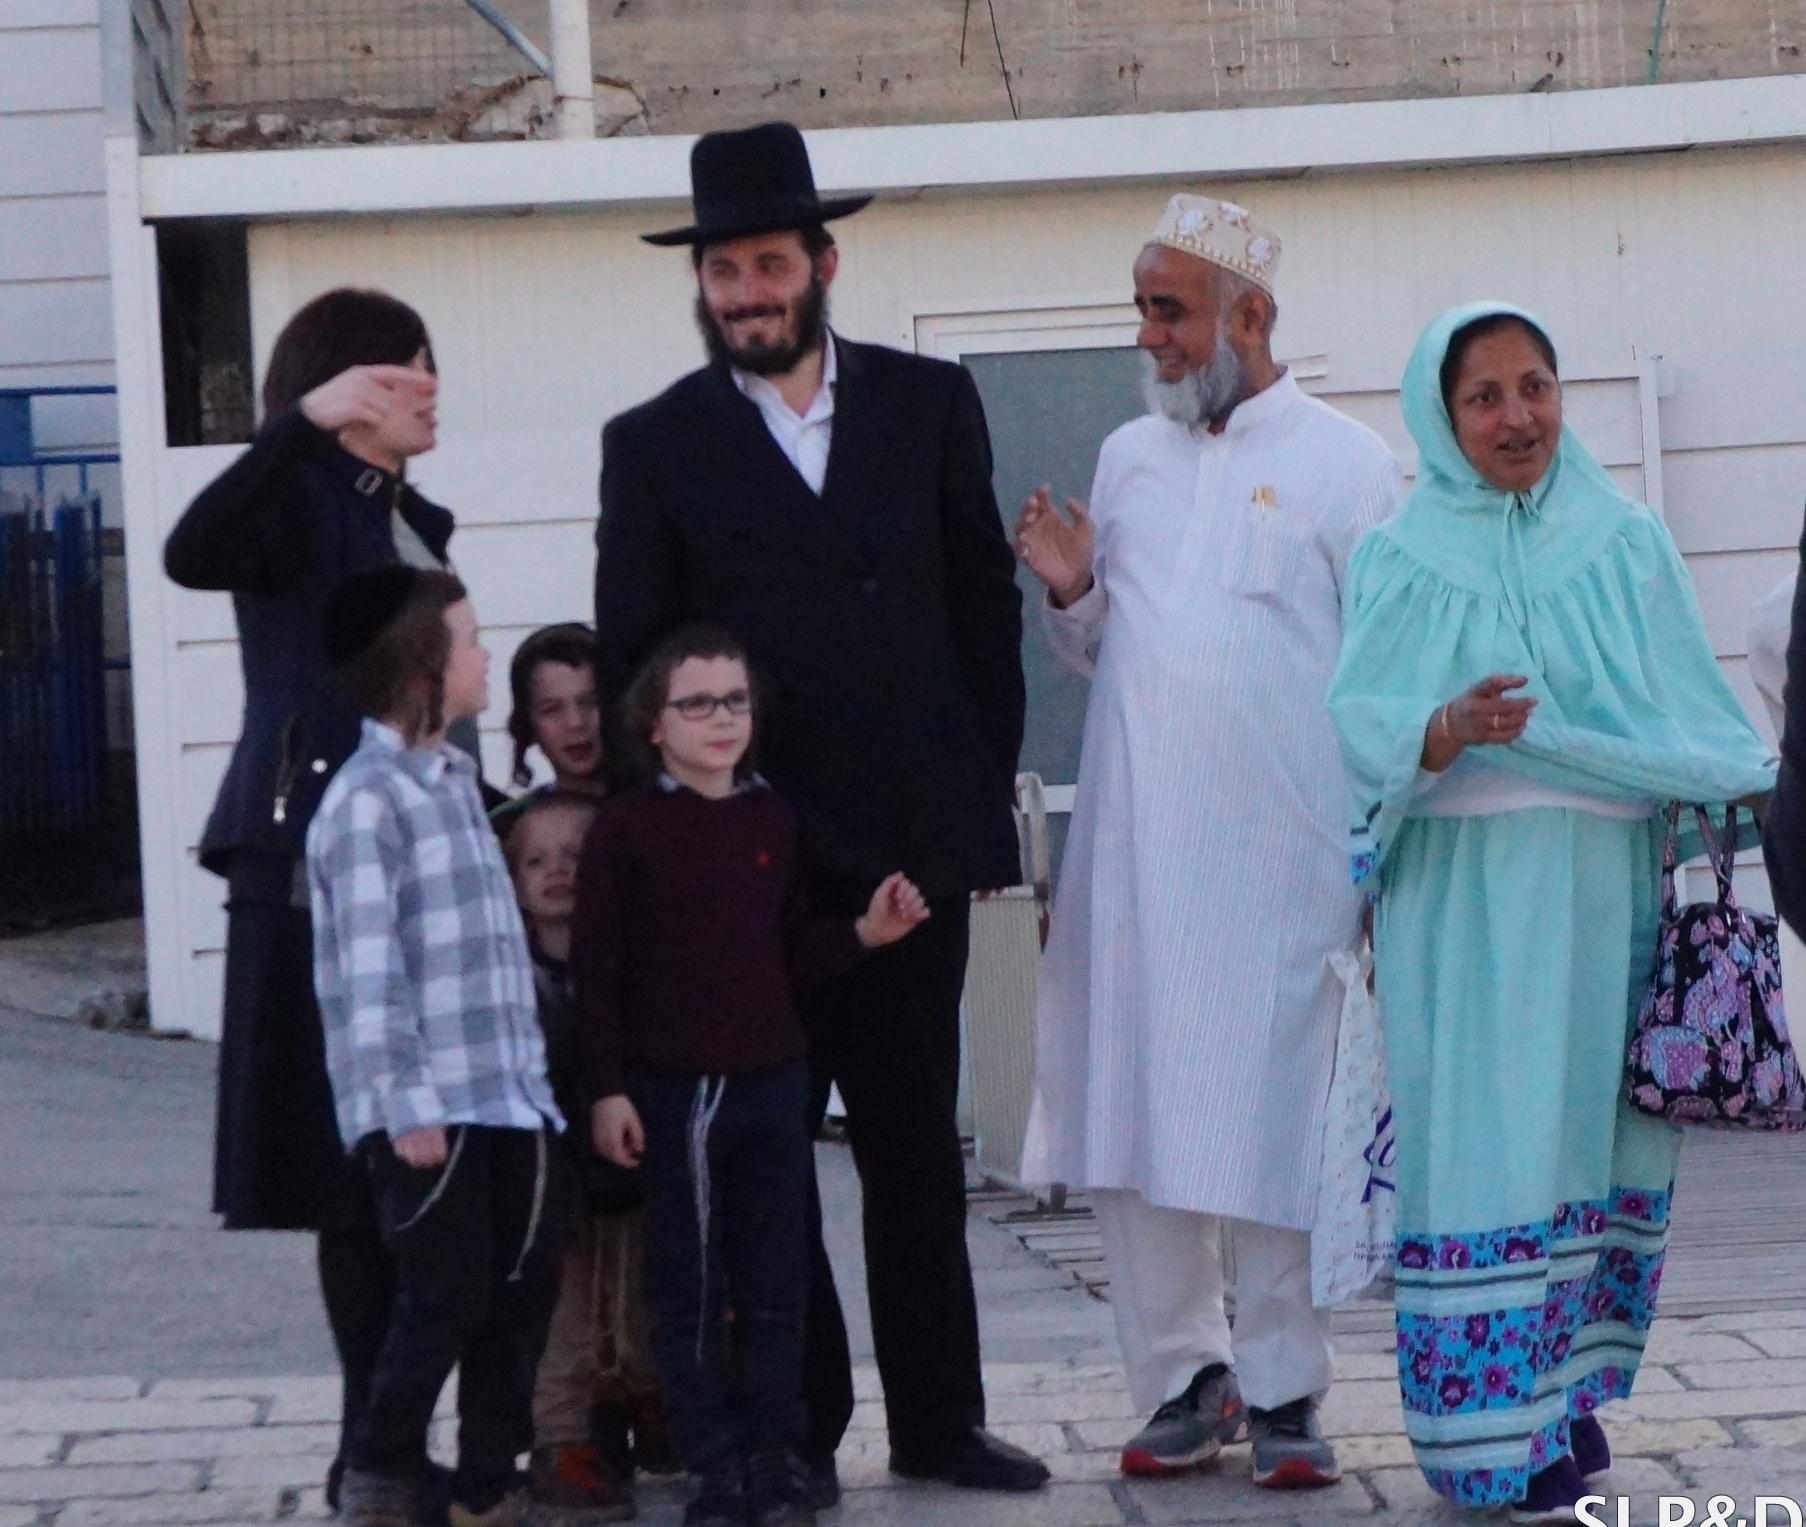 jewsandmuslims